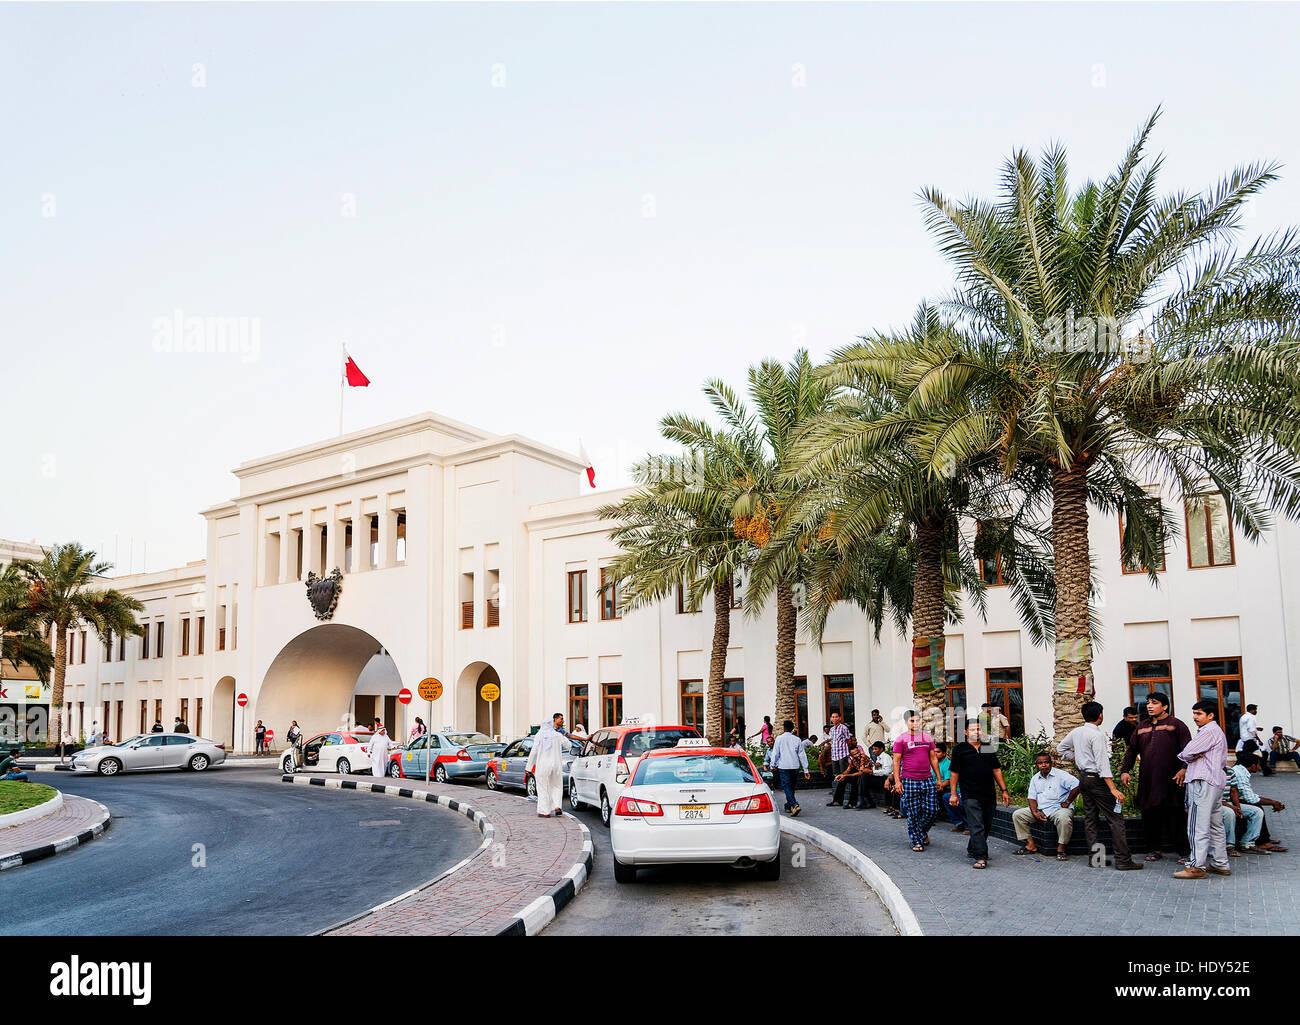 Bab al bahrain punto di riferimento nel centro cittadino di Manama Bahrain Immagini Stock